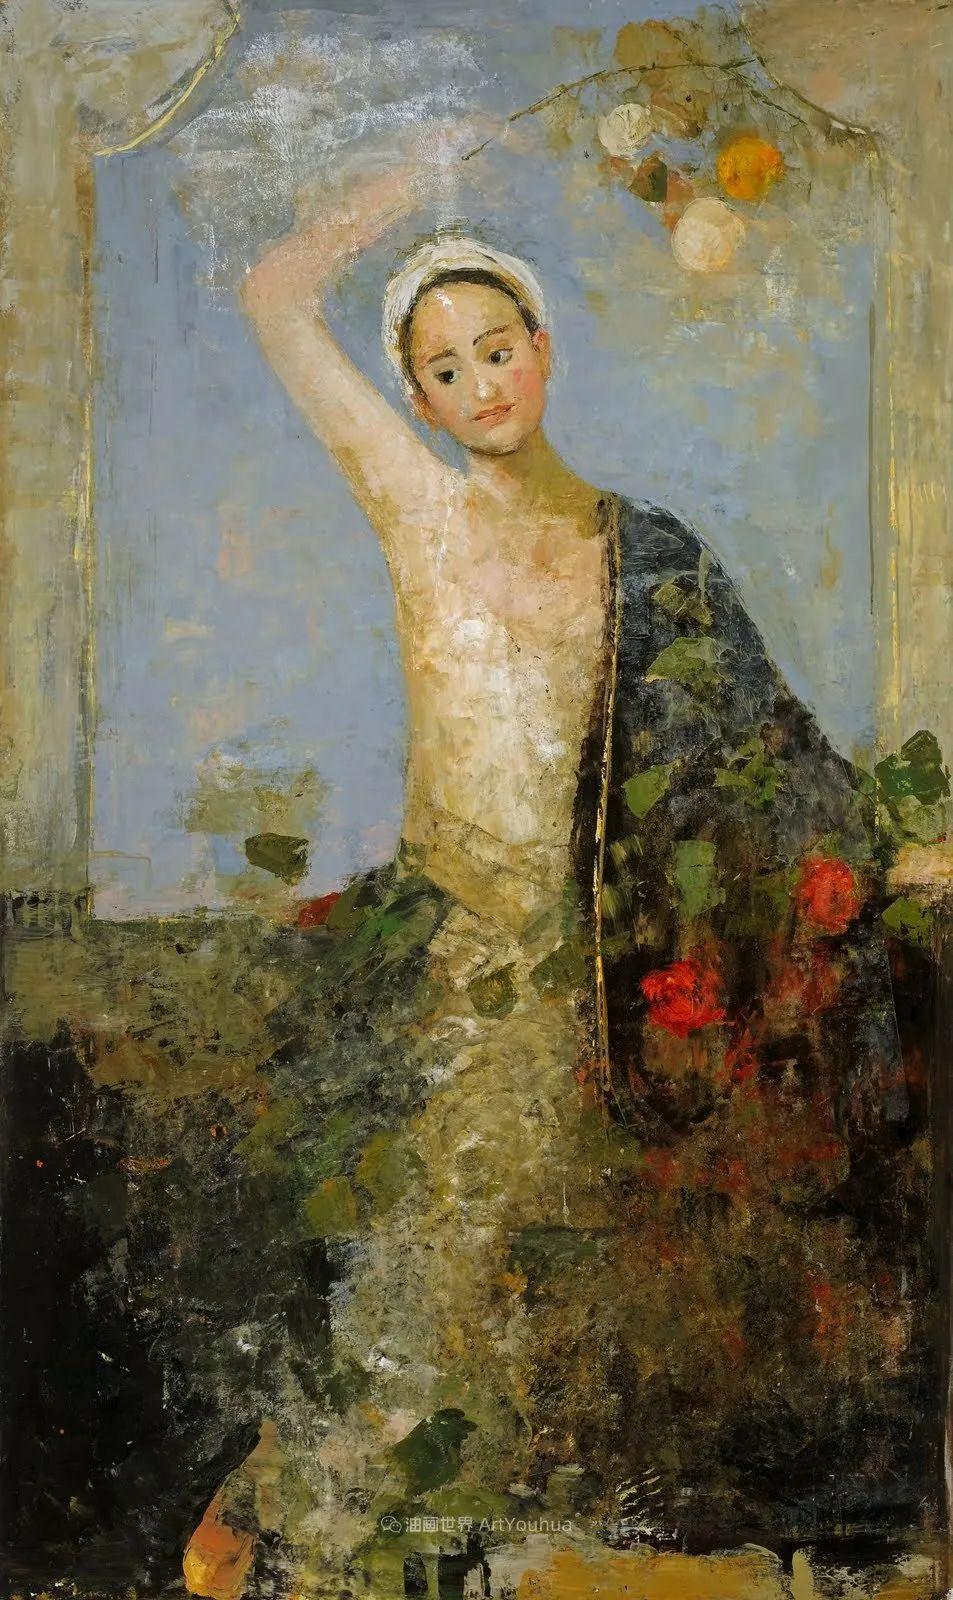 马耳他女画家 Goxwa Borg 戈克斯瓦·博格作品欣赏: 古典又现代!插图67